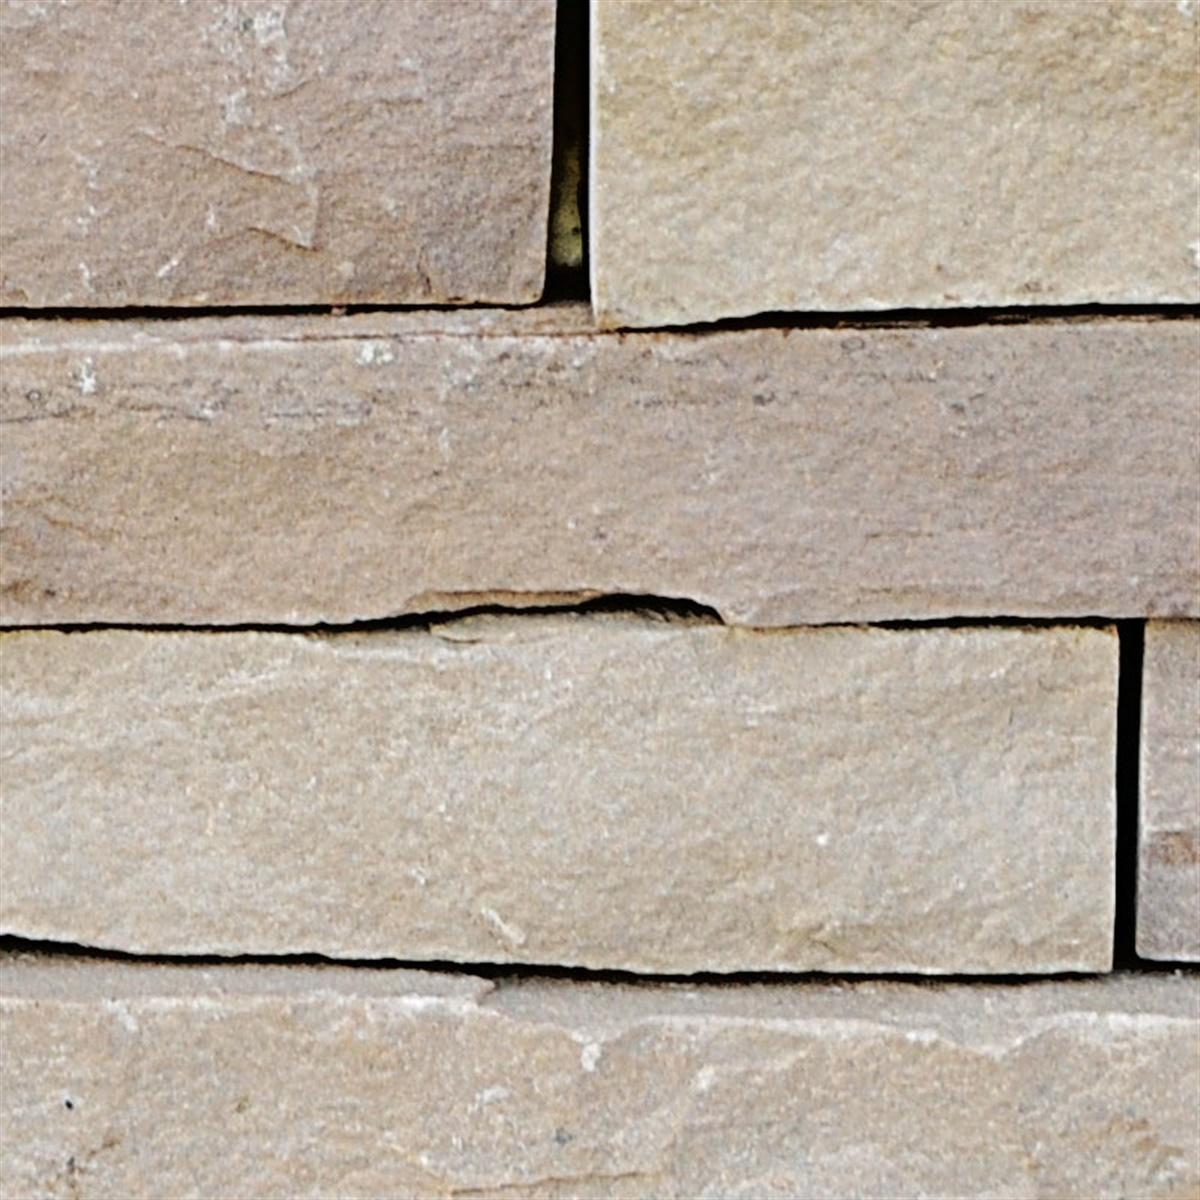 La vera pietra - Schenatti srl - Real stone covering